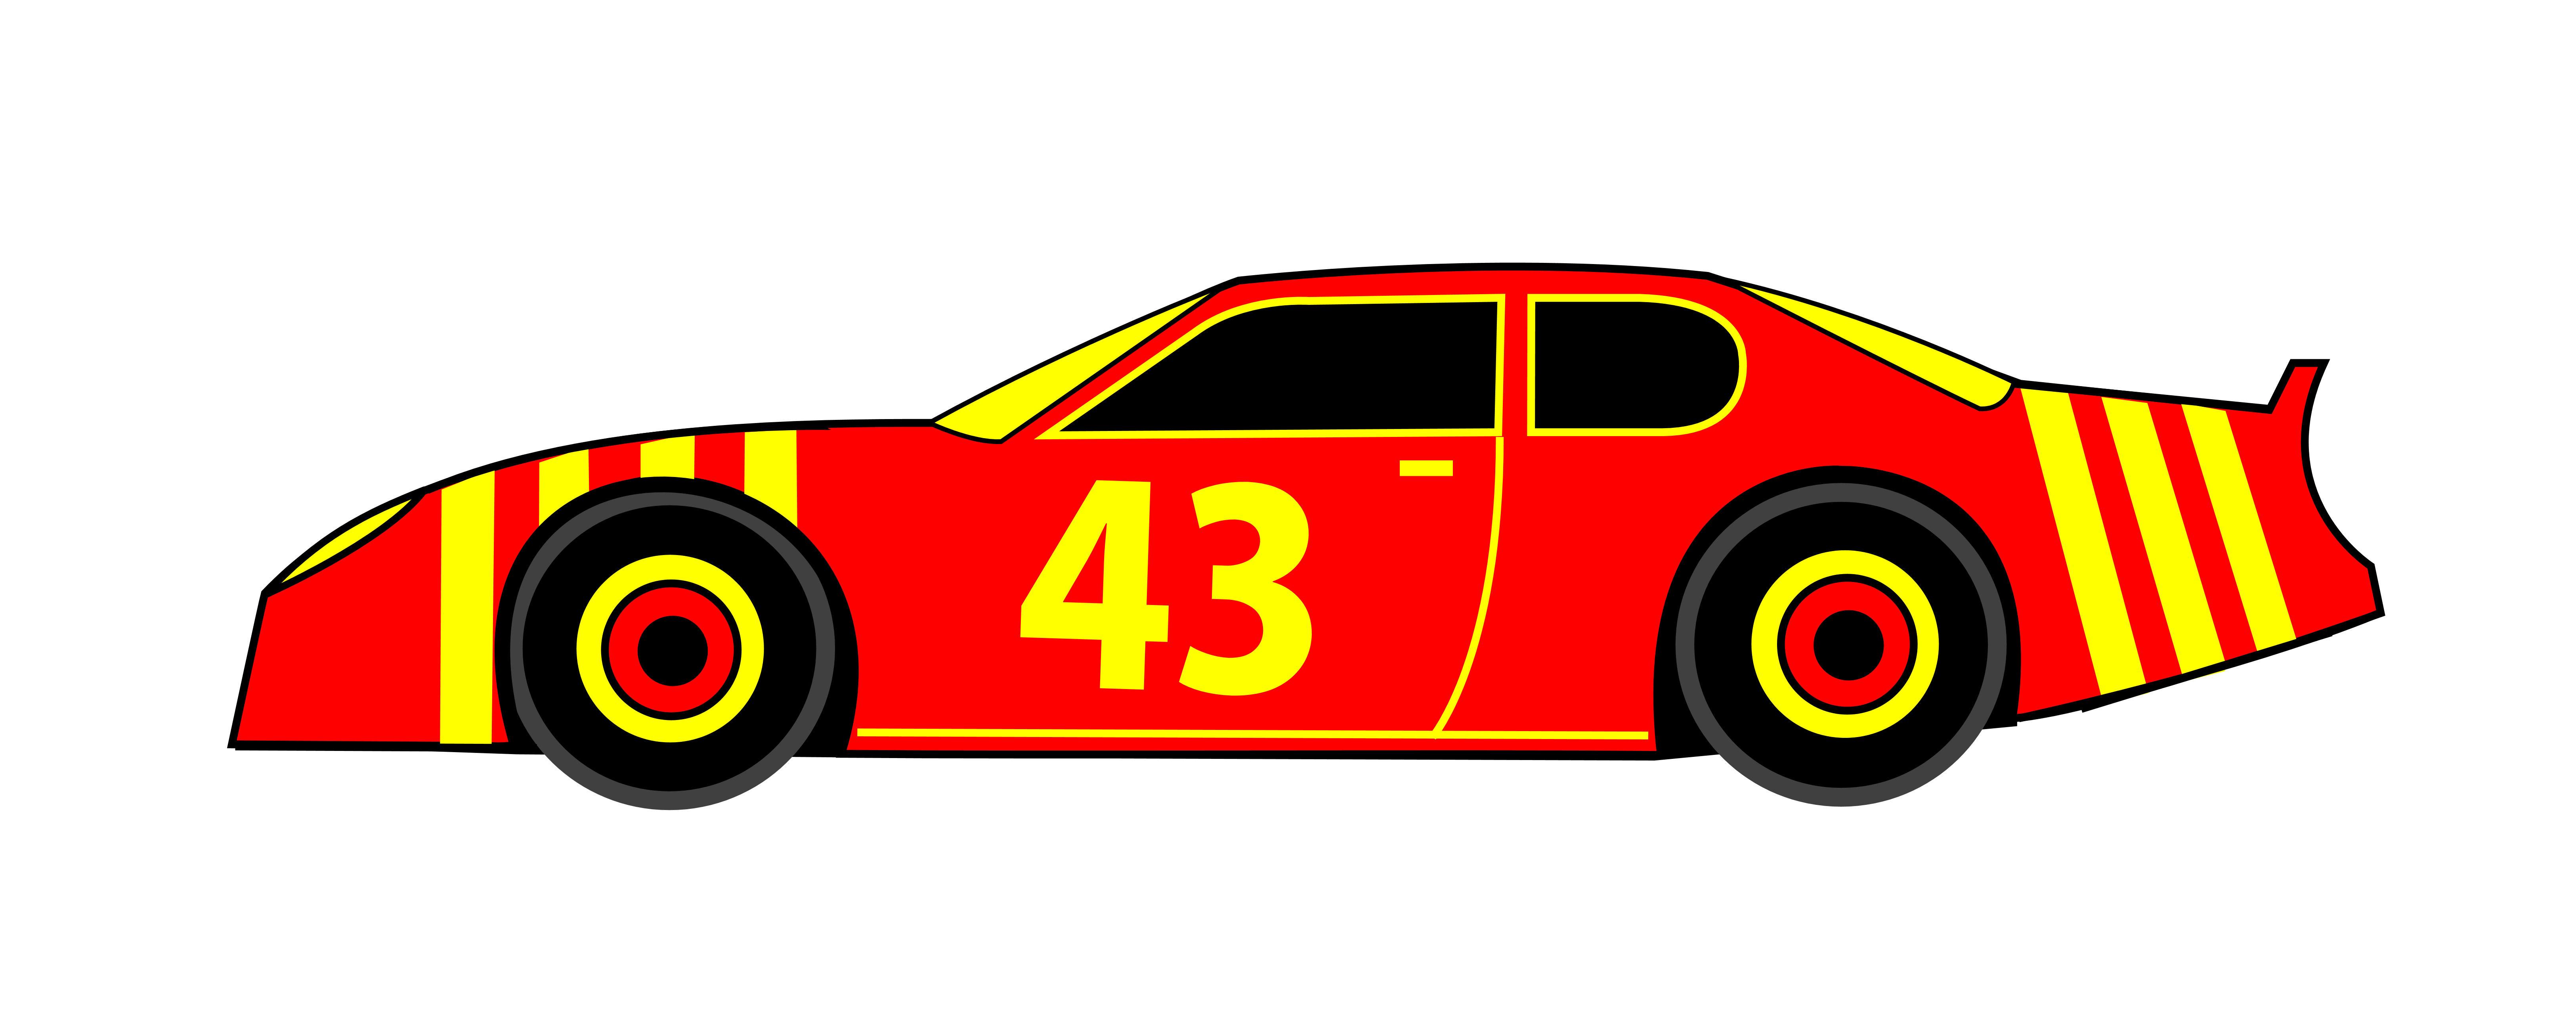 clip art download Free nascar cliparts download. Racecar clipart.